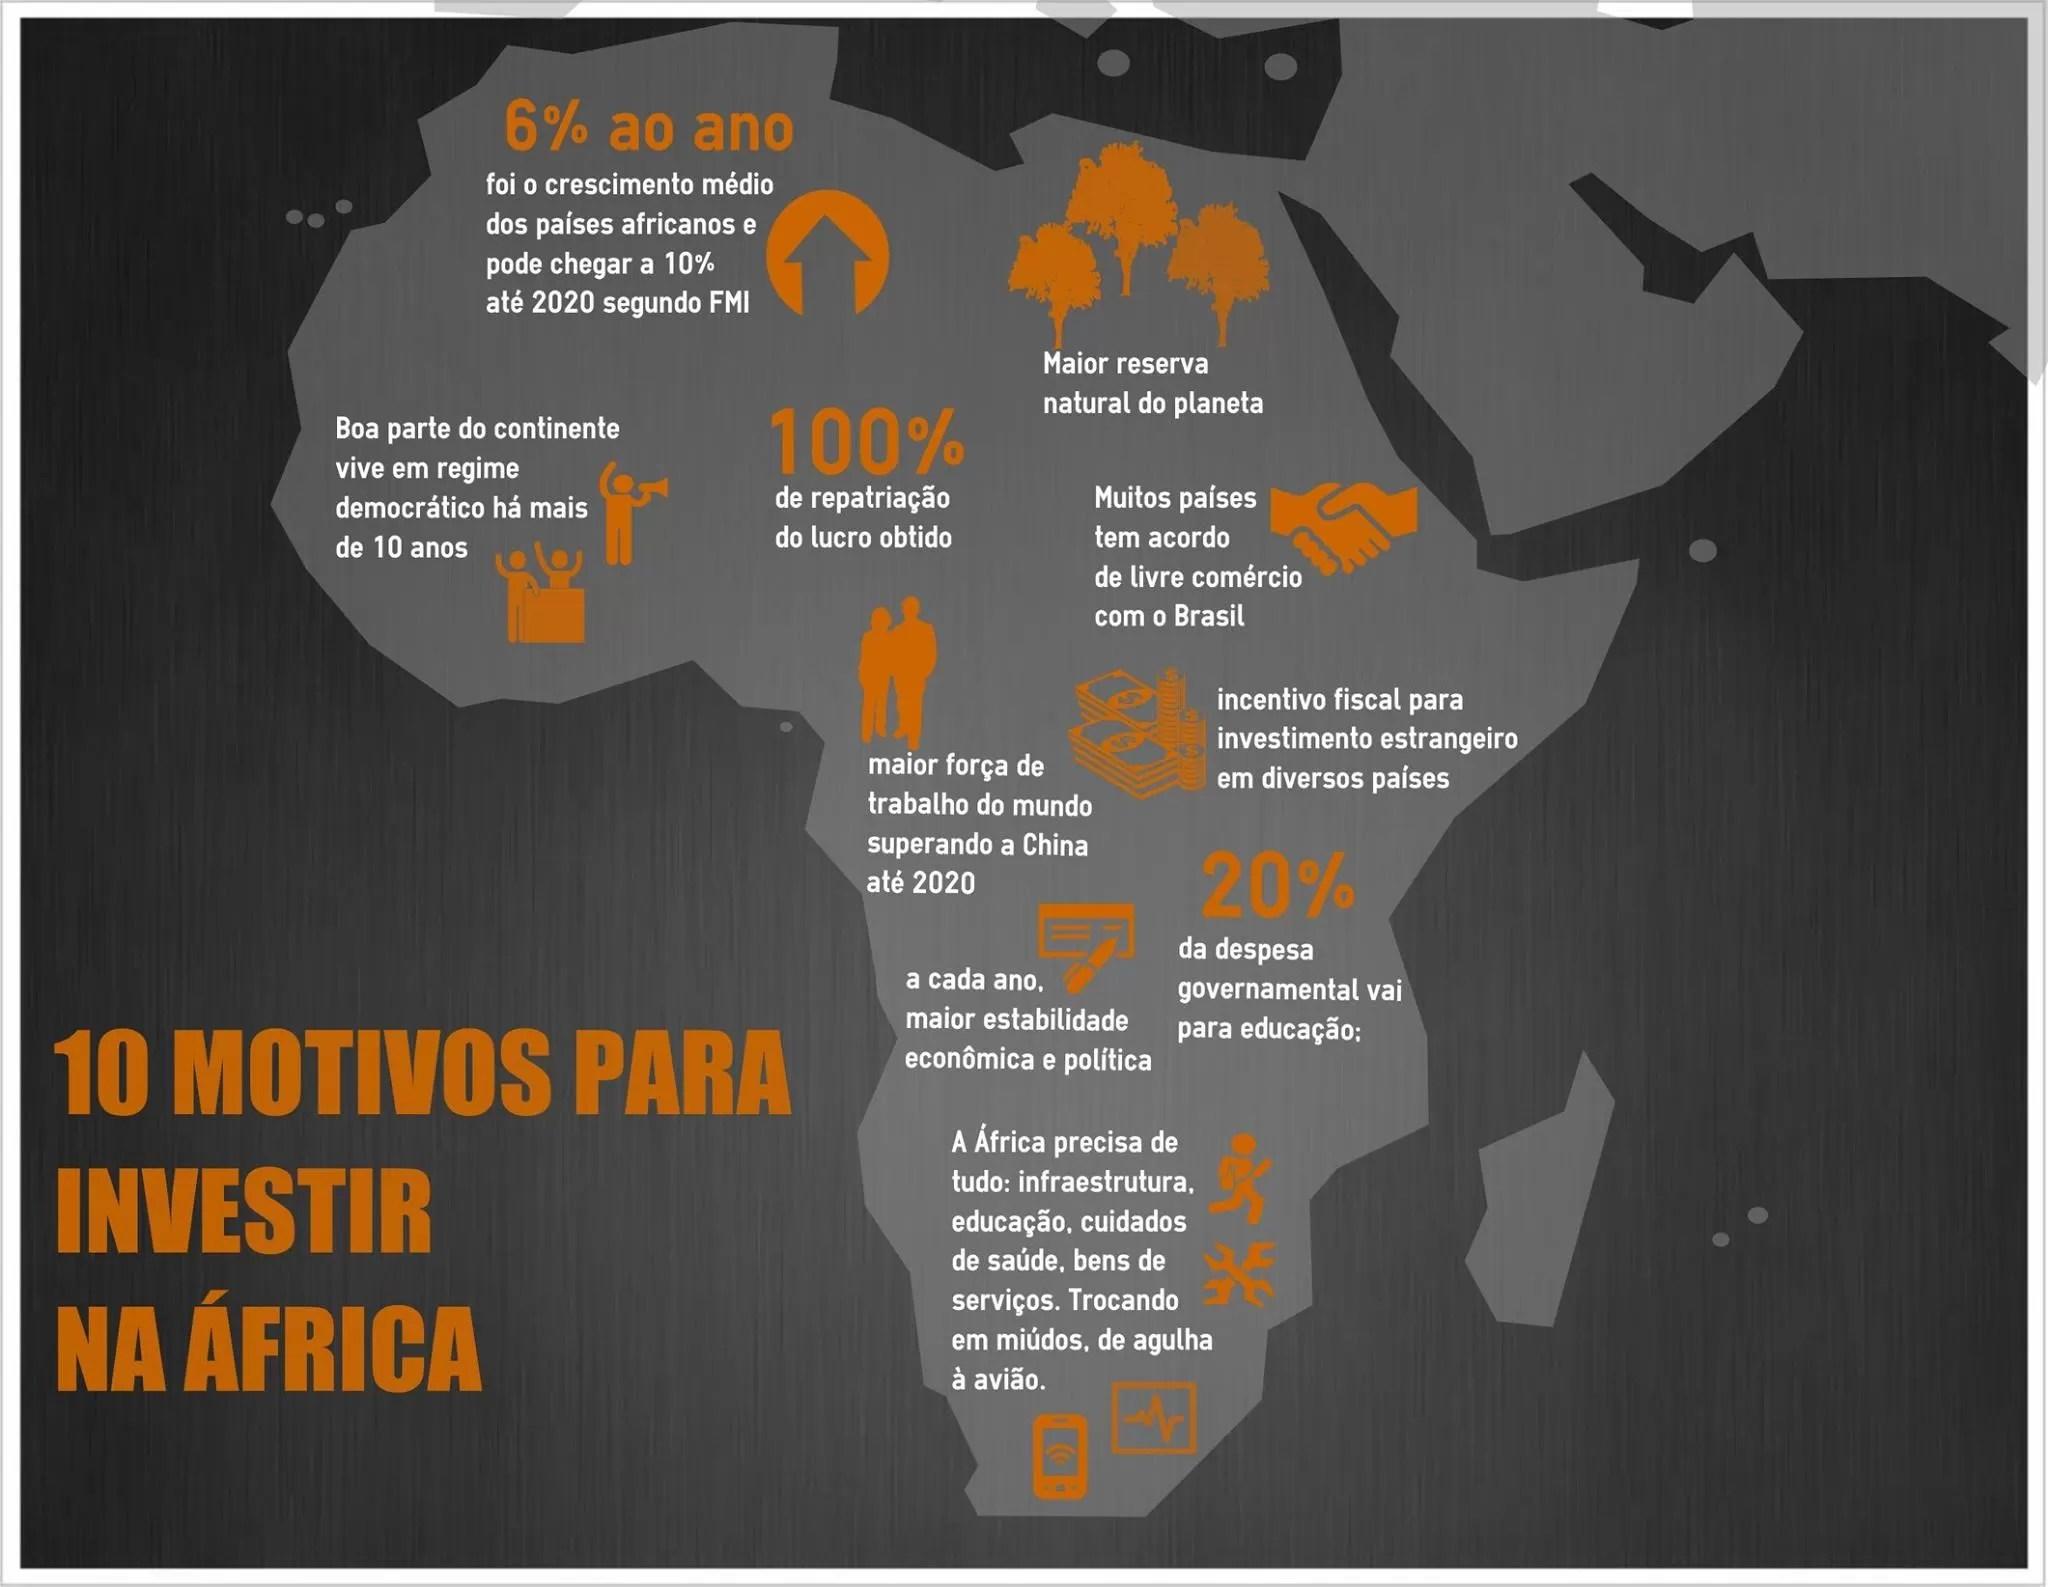 oportunidade-africa-brasil-feafro (Foto: Divulgação)